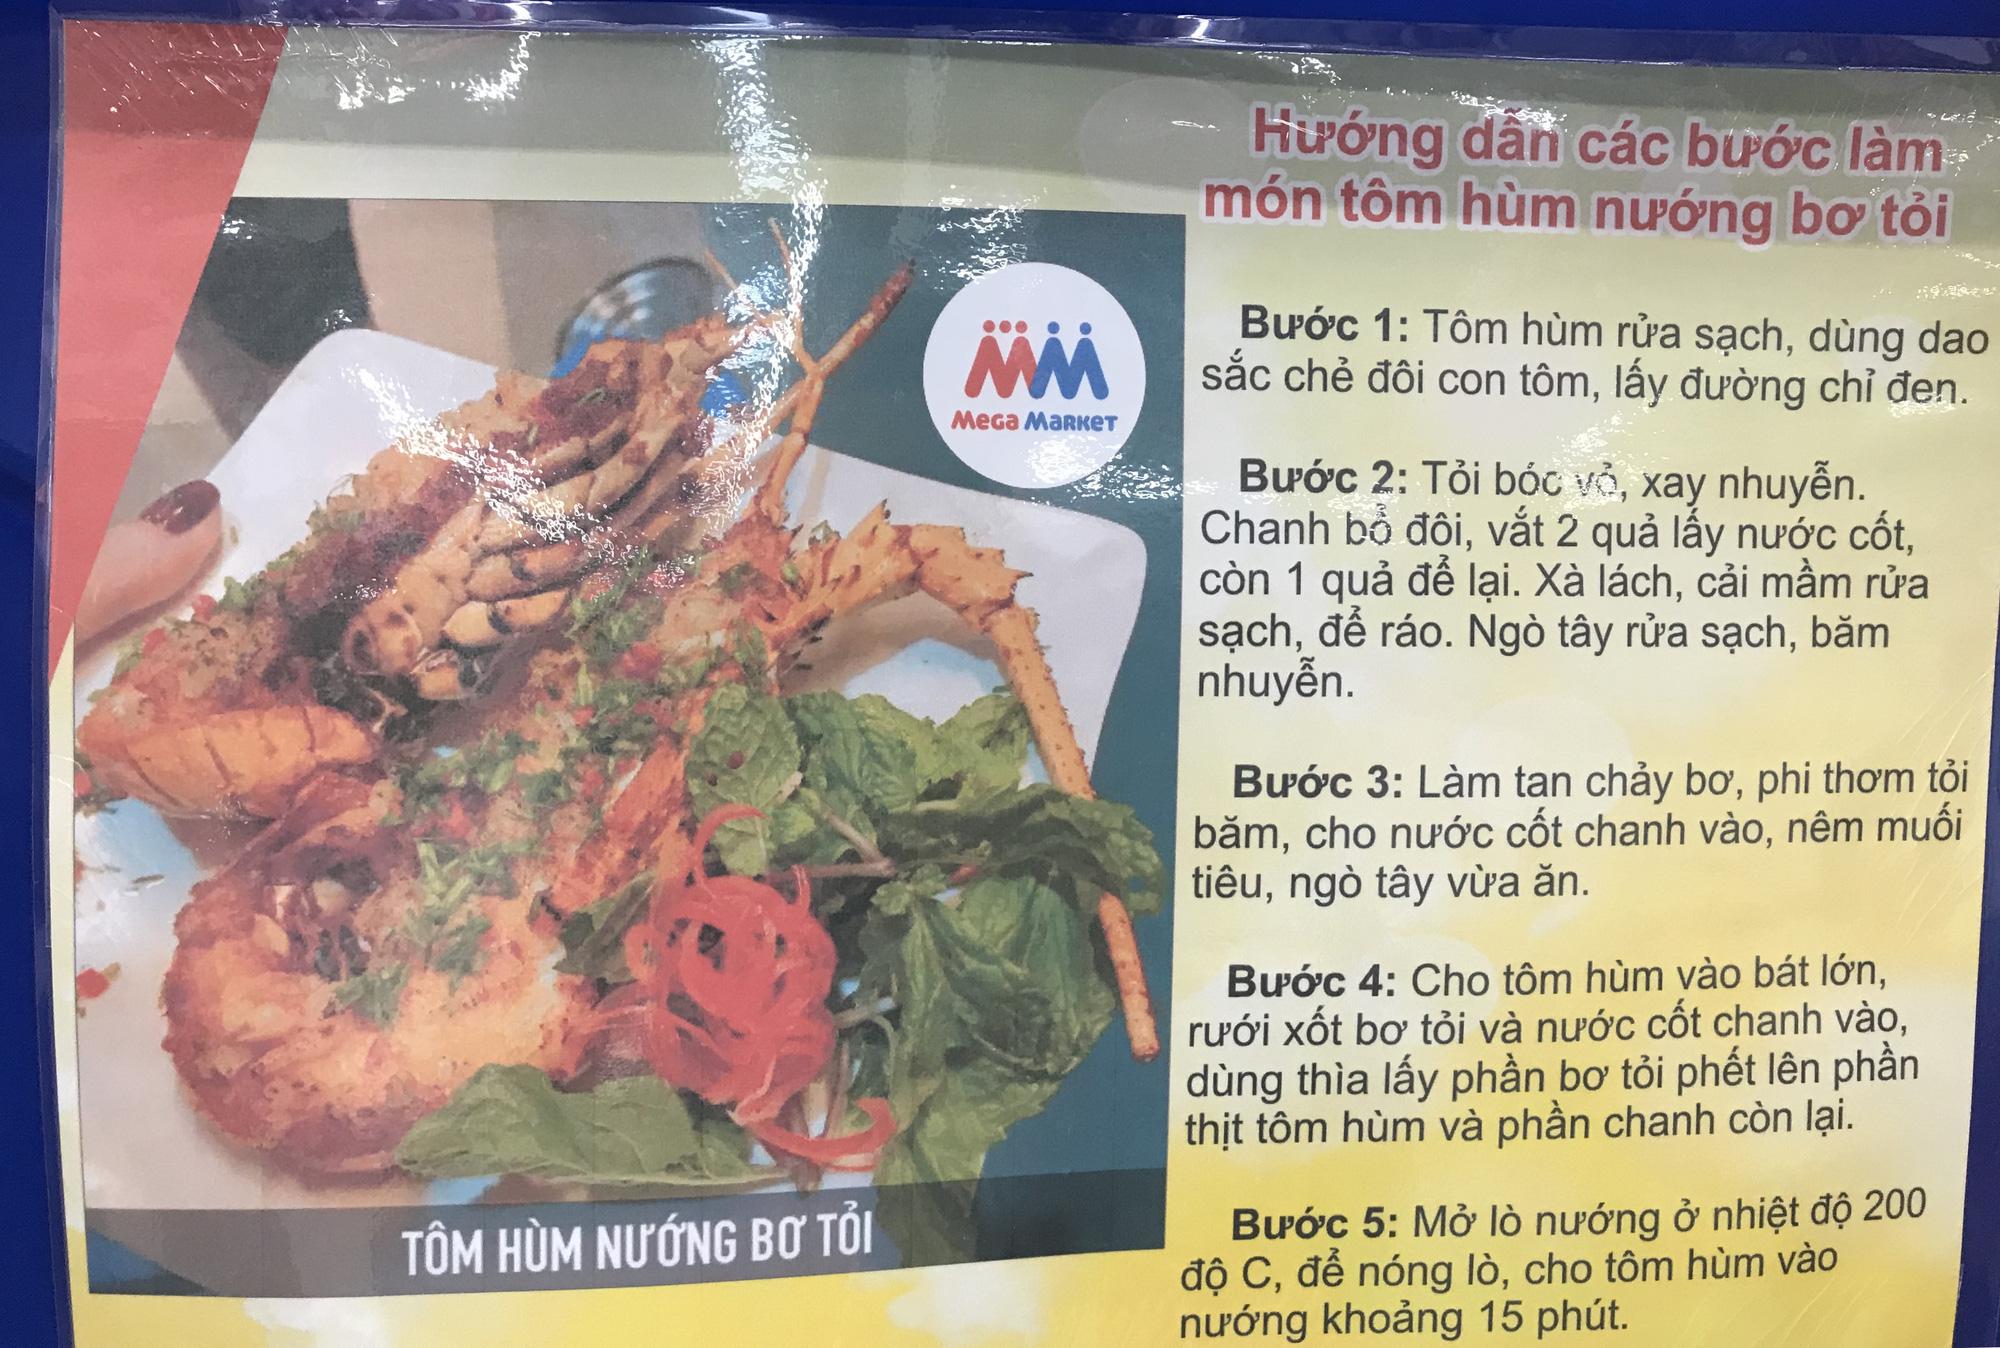 Cận cảnh giải cứu tôm hùm ở Sài Gòn, mới 9h sáng đã hết sạch, có siêu thị chế biến miễn phí cho khách ngay tại chỗ - Ảnh 14.